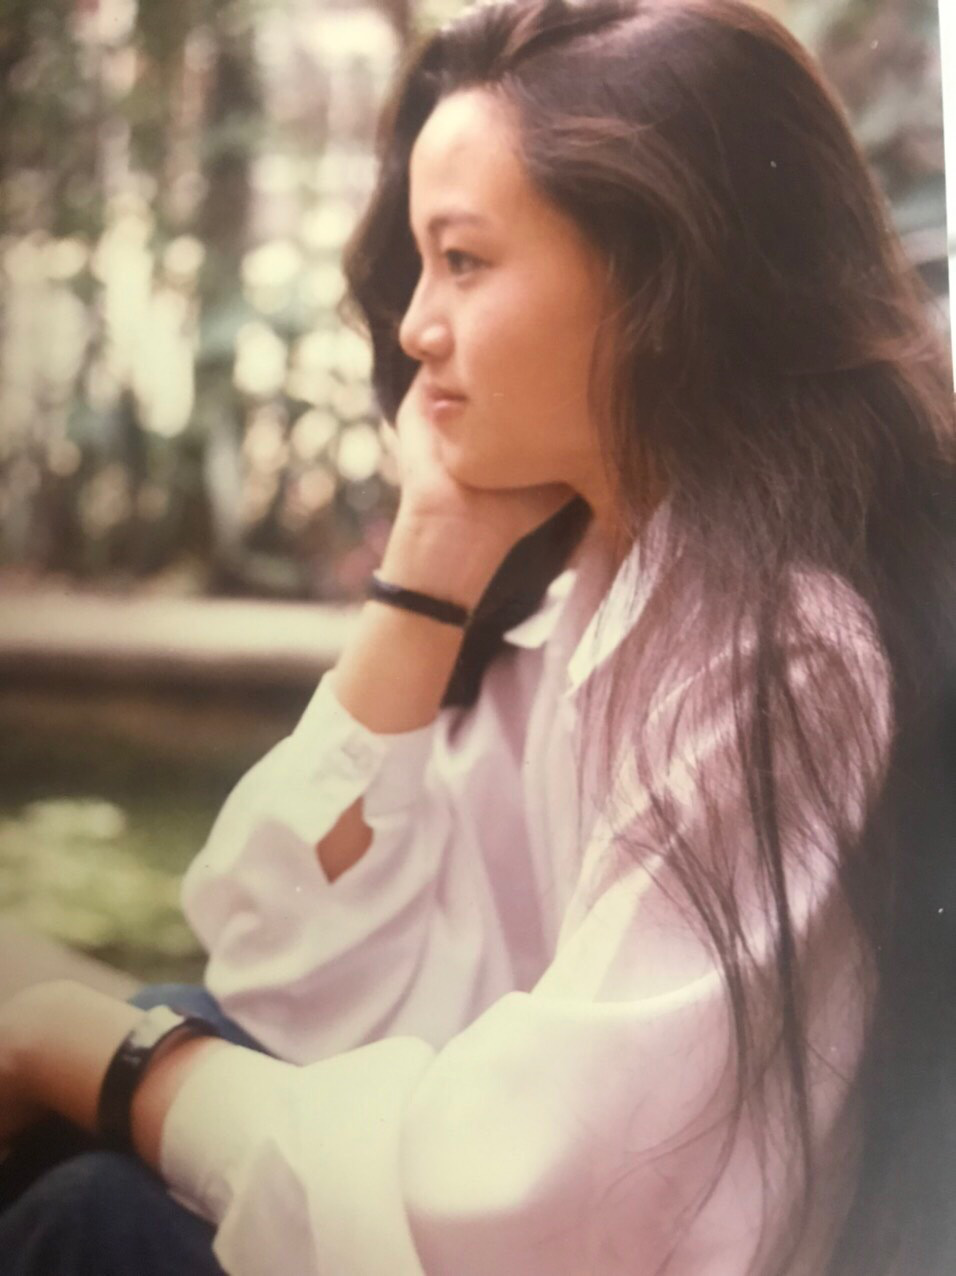 Nhan sắc thời trẻ và điều ít biết về Nữ hoàng nhạc sến miền Tây Hoàng Châu-7